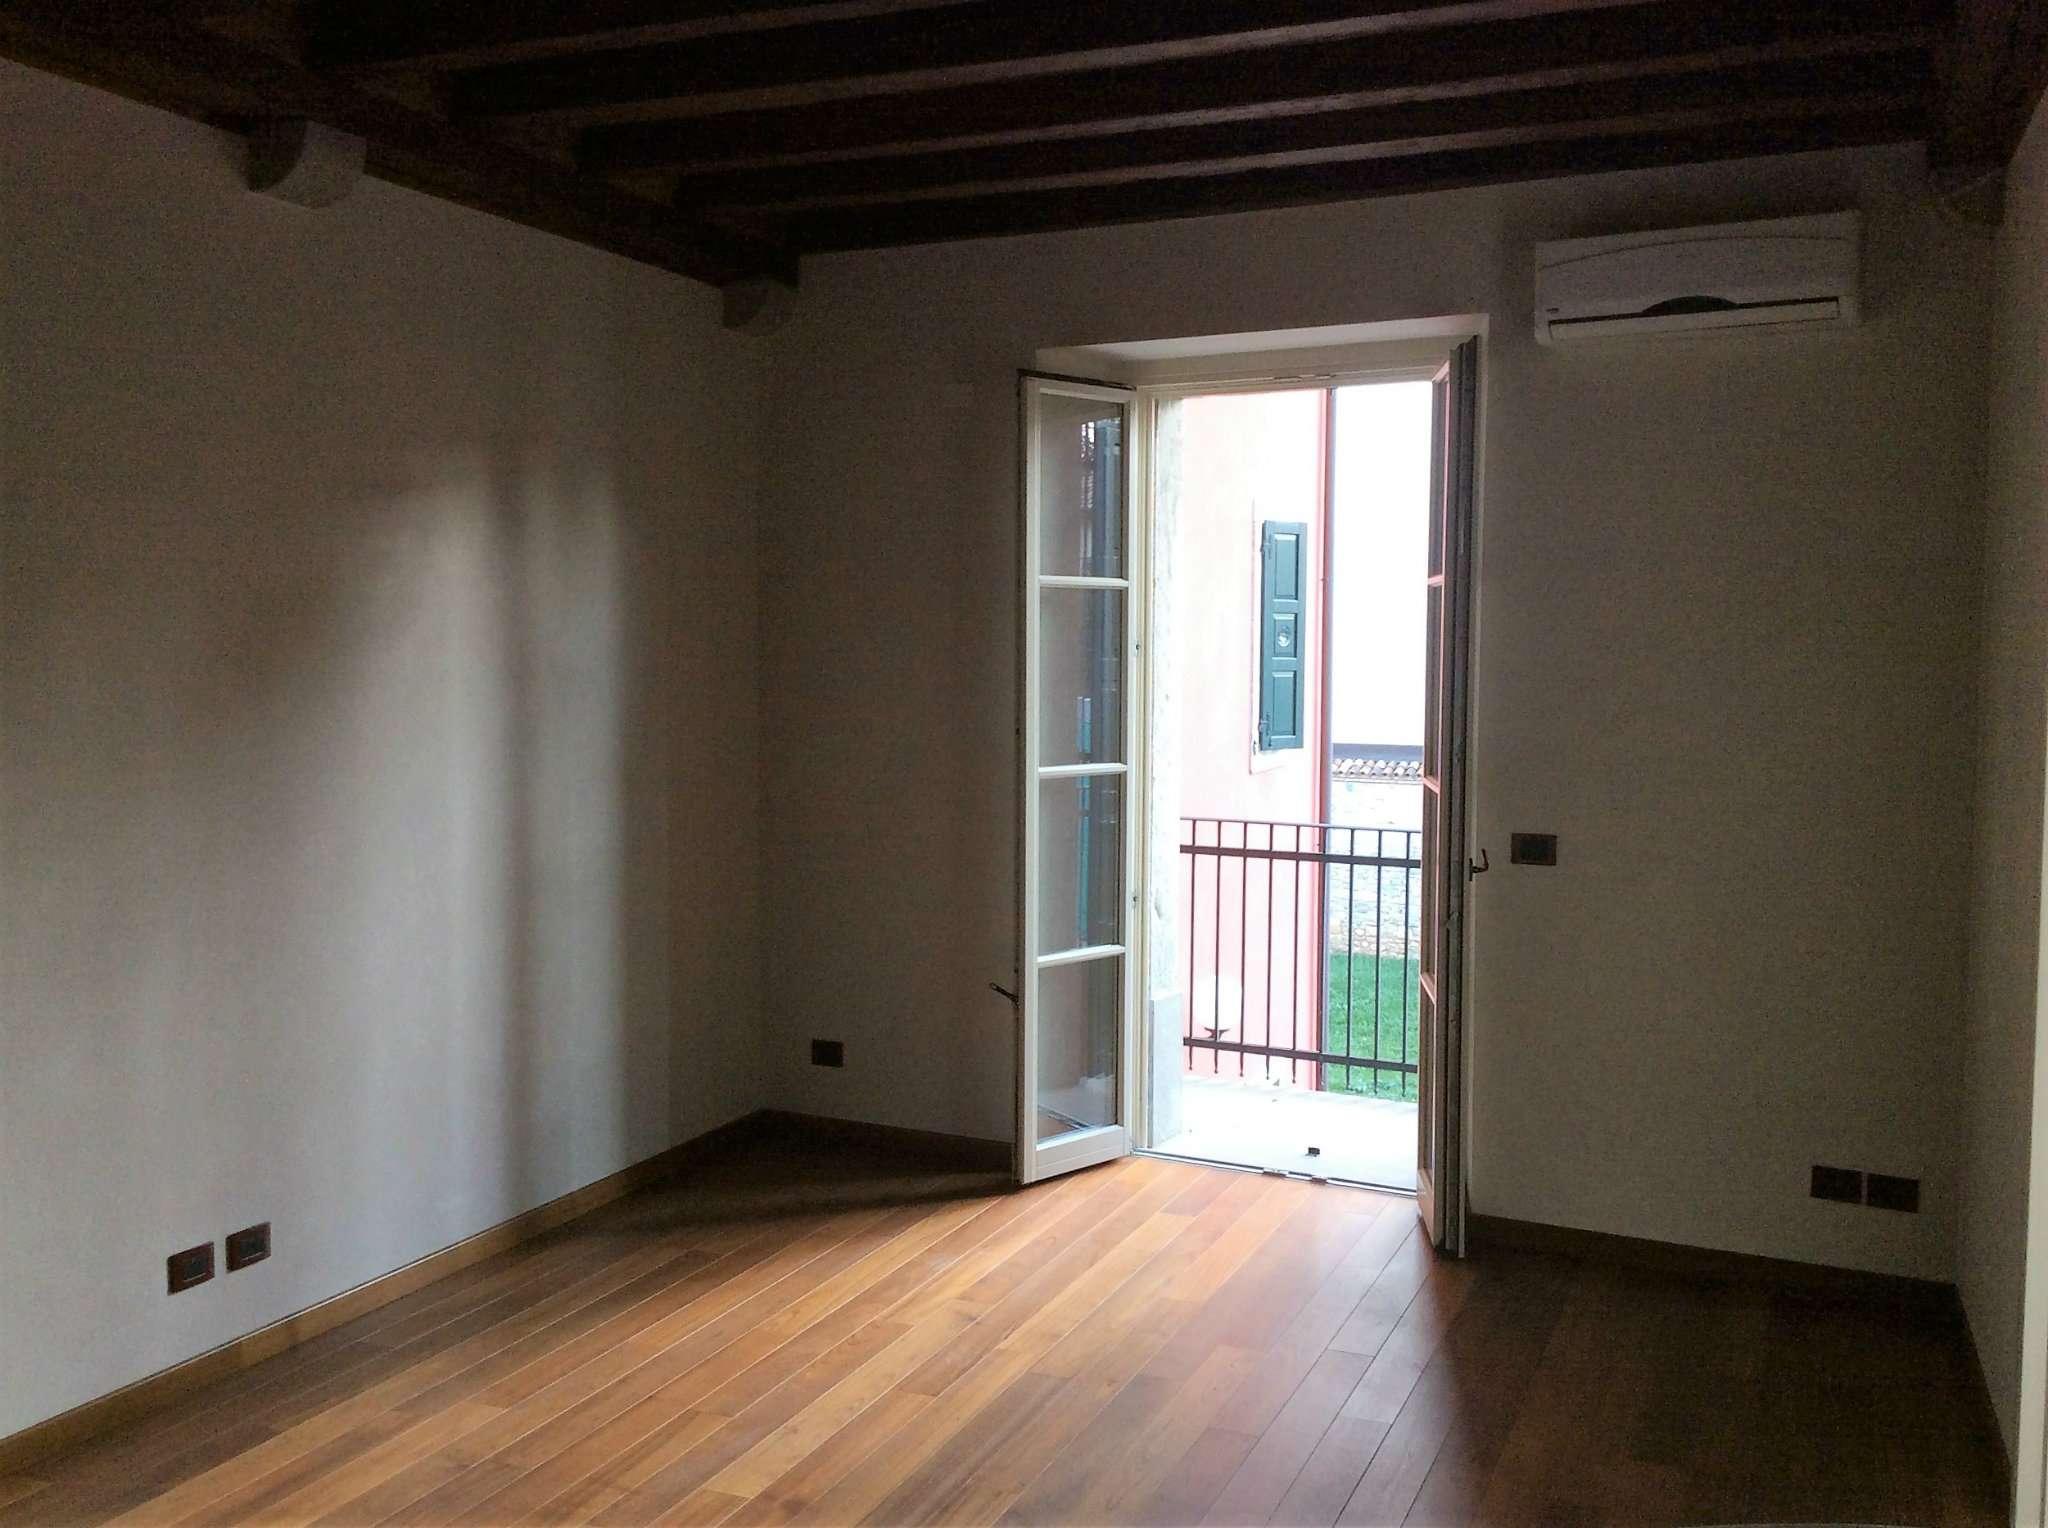 Appartamento in affitto a Cividale del Friuli, 2 locali, prezzo € 600 | CambioCasa.it